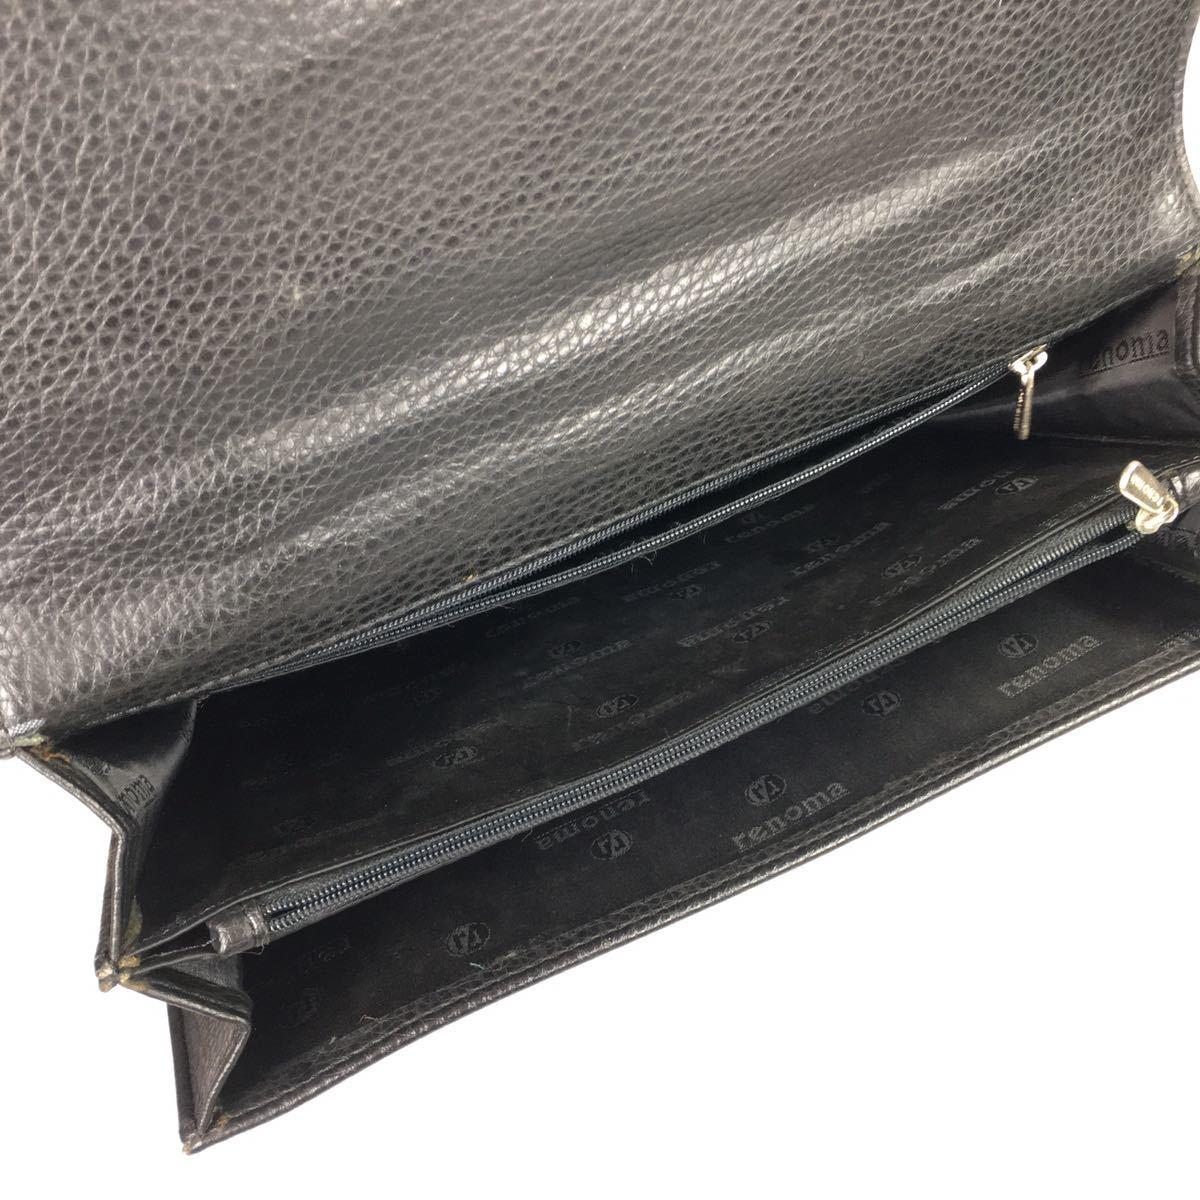 【レノマ】本物 renoma セカンドバッグ 黒 ミニビジネスバッグ 持ち手有り 男性用 メンズ_画像9